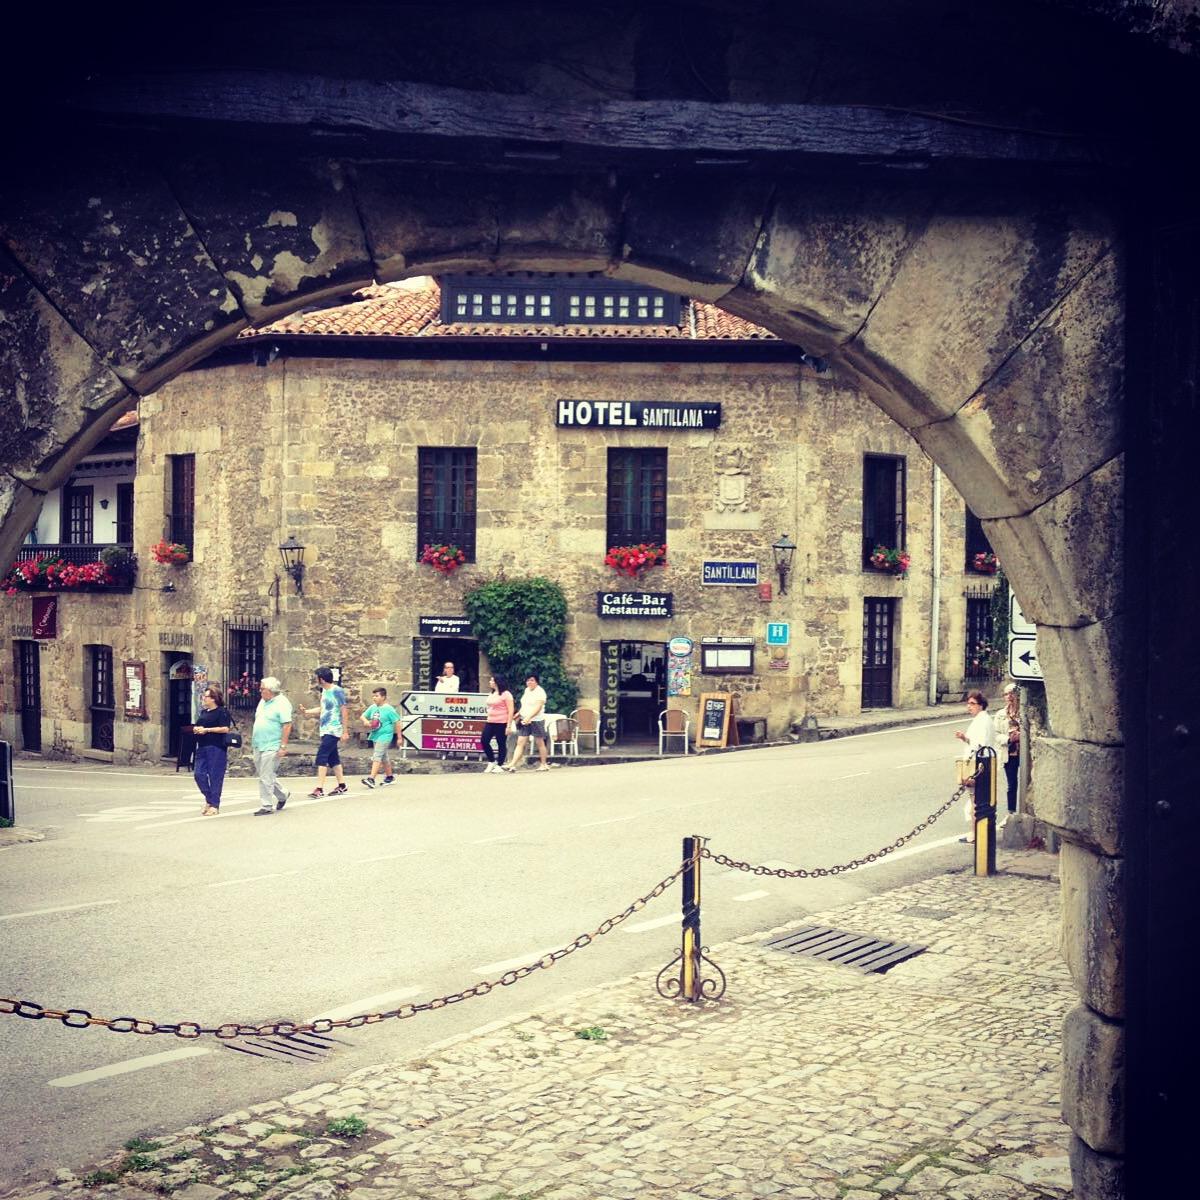 hotel_santillana